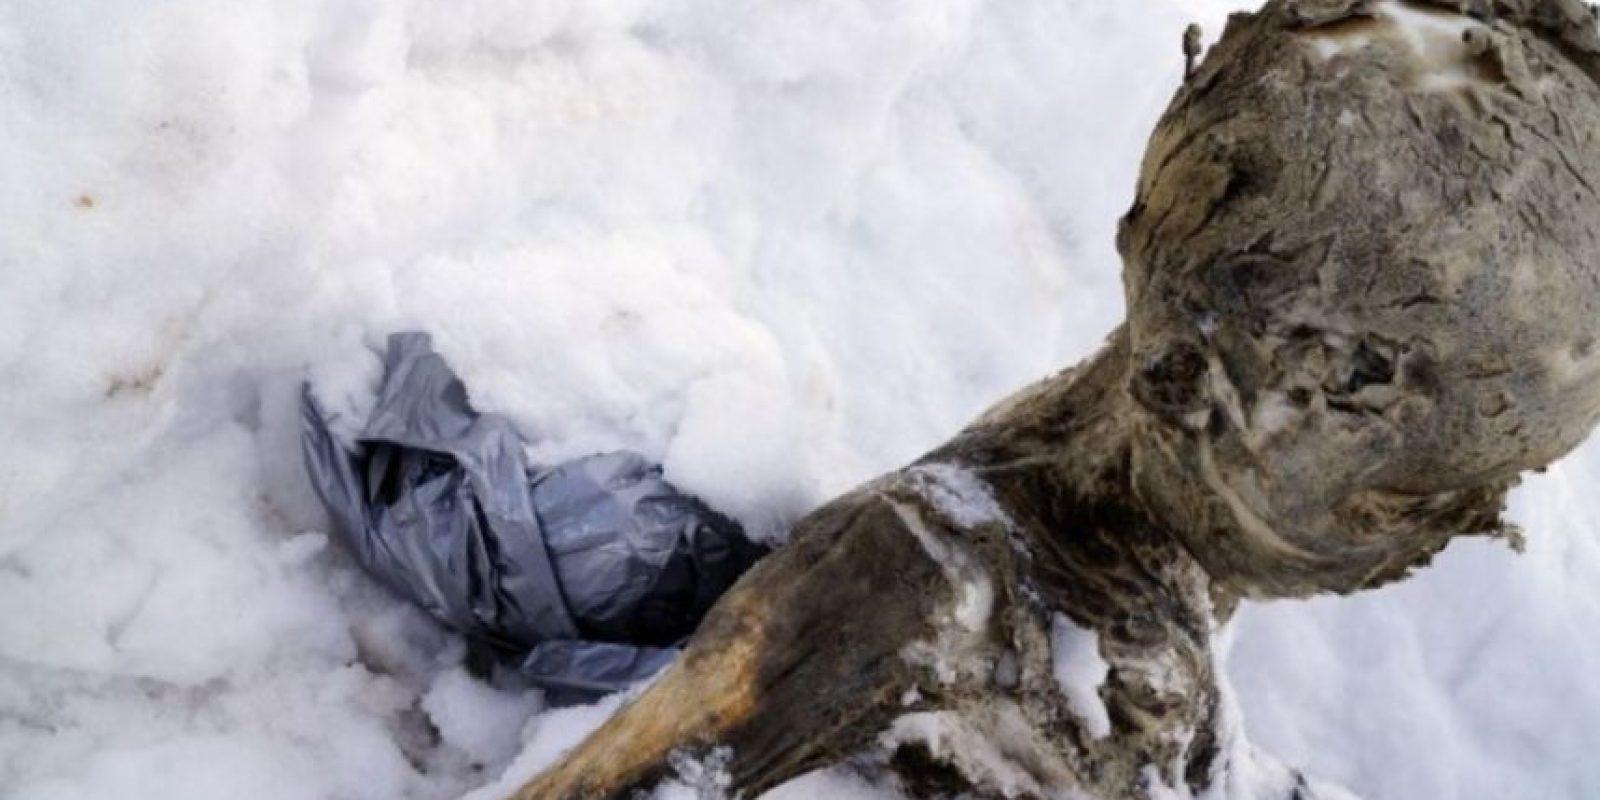 Se supo que el cuerpo perteneció a un hombre de entre 52 y 71 años Foto:AFP